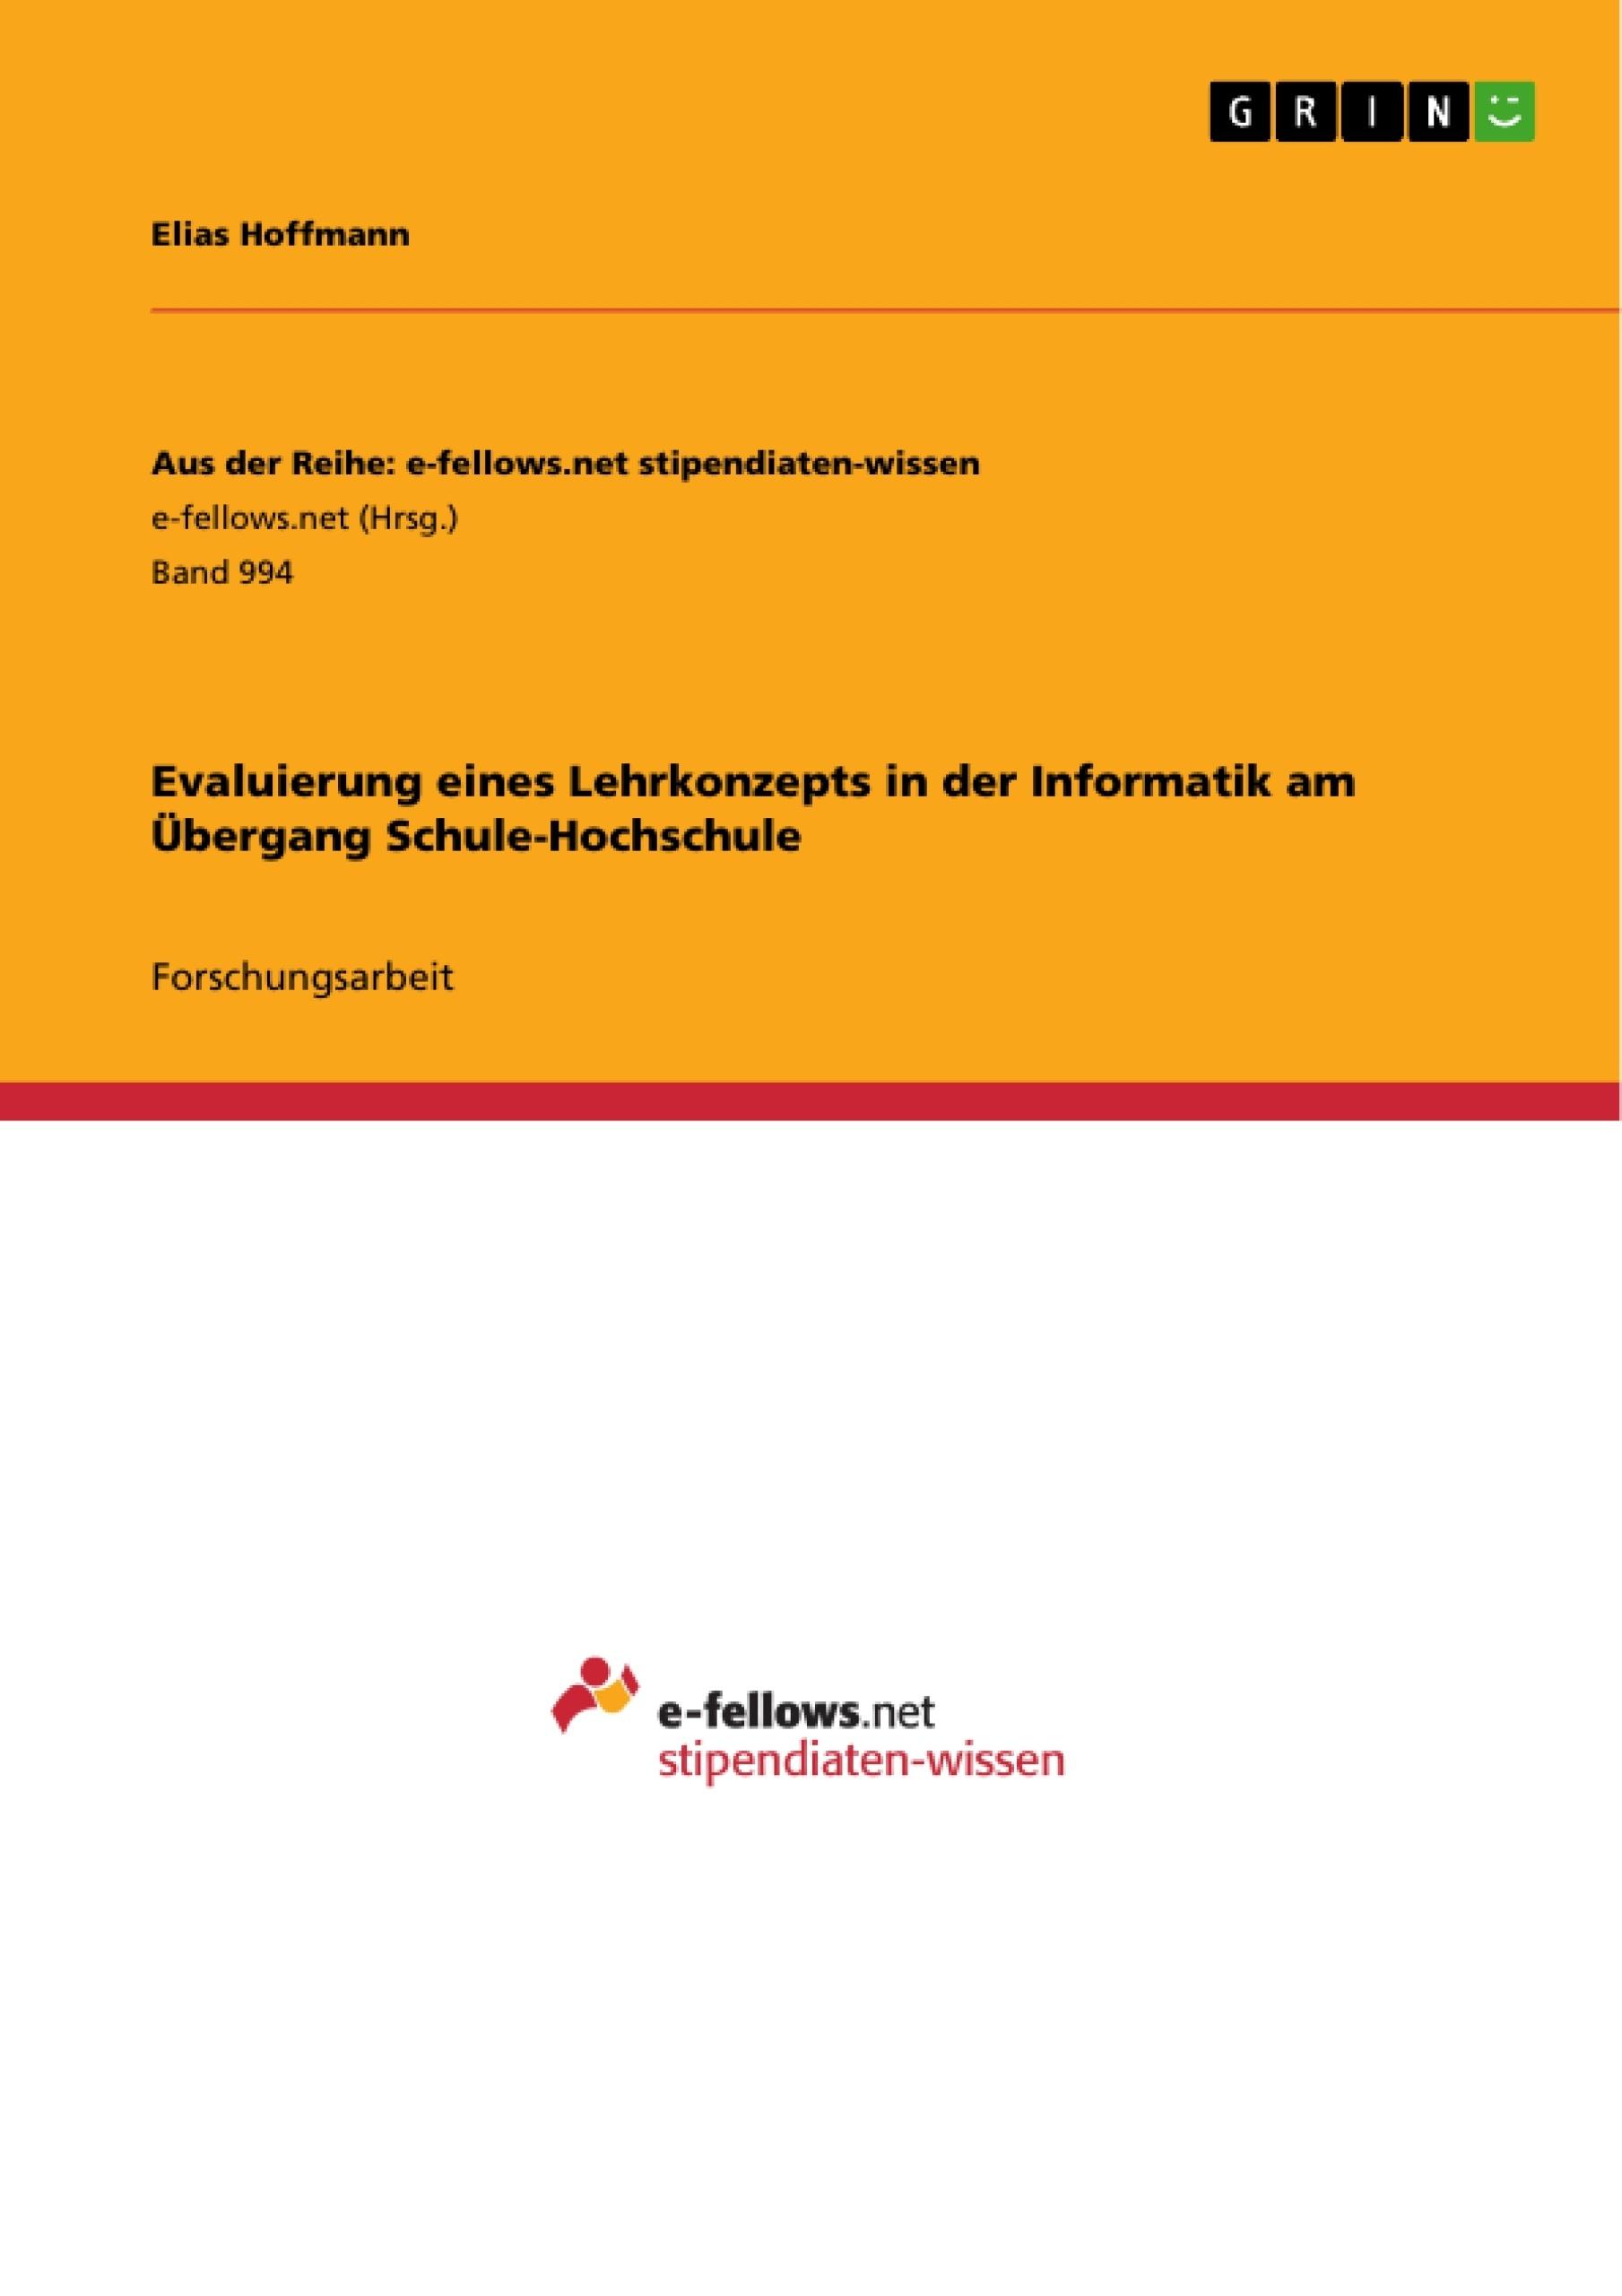 Titel: Evaluierung eines Lehrkonzepts in der Informatik am Übergang Schule-Hochschule